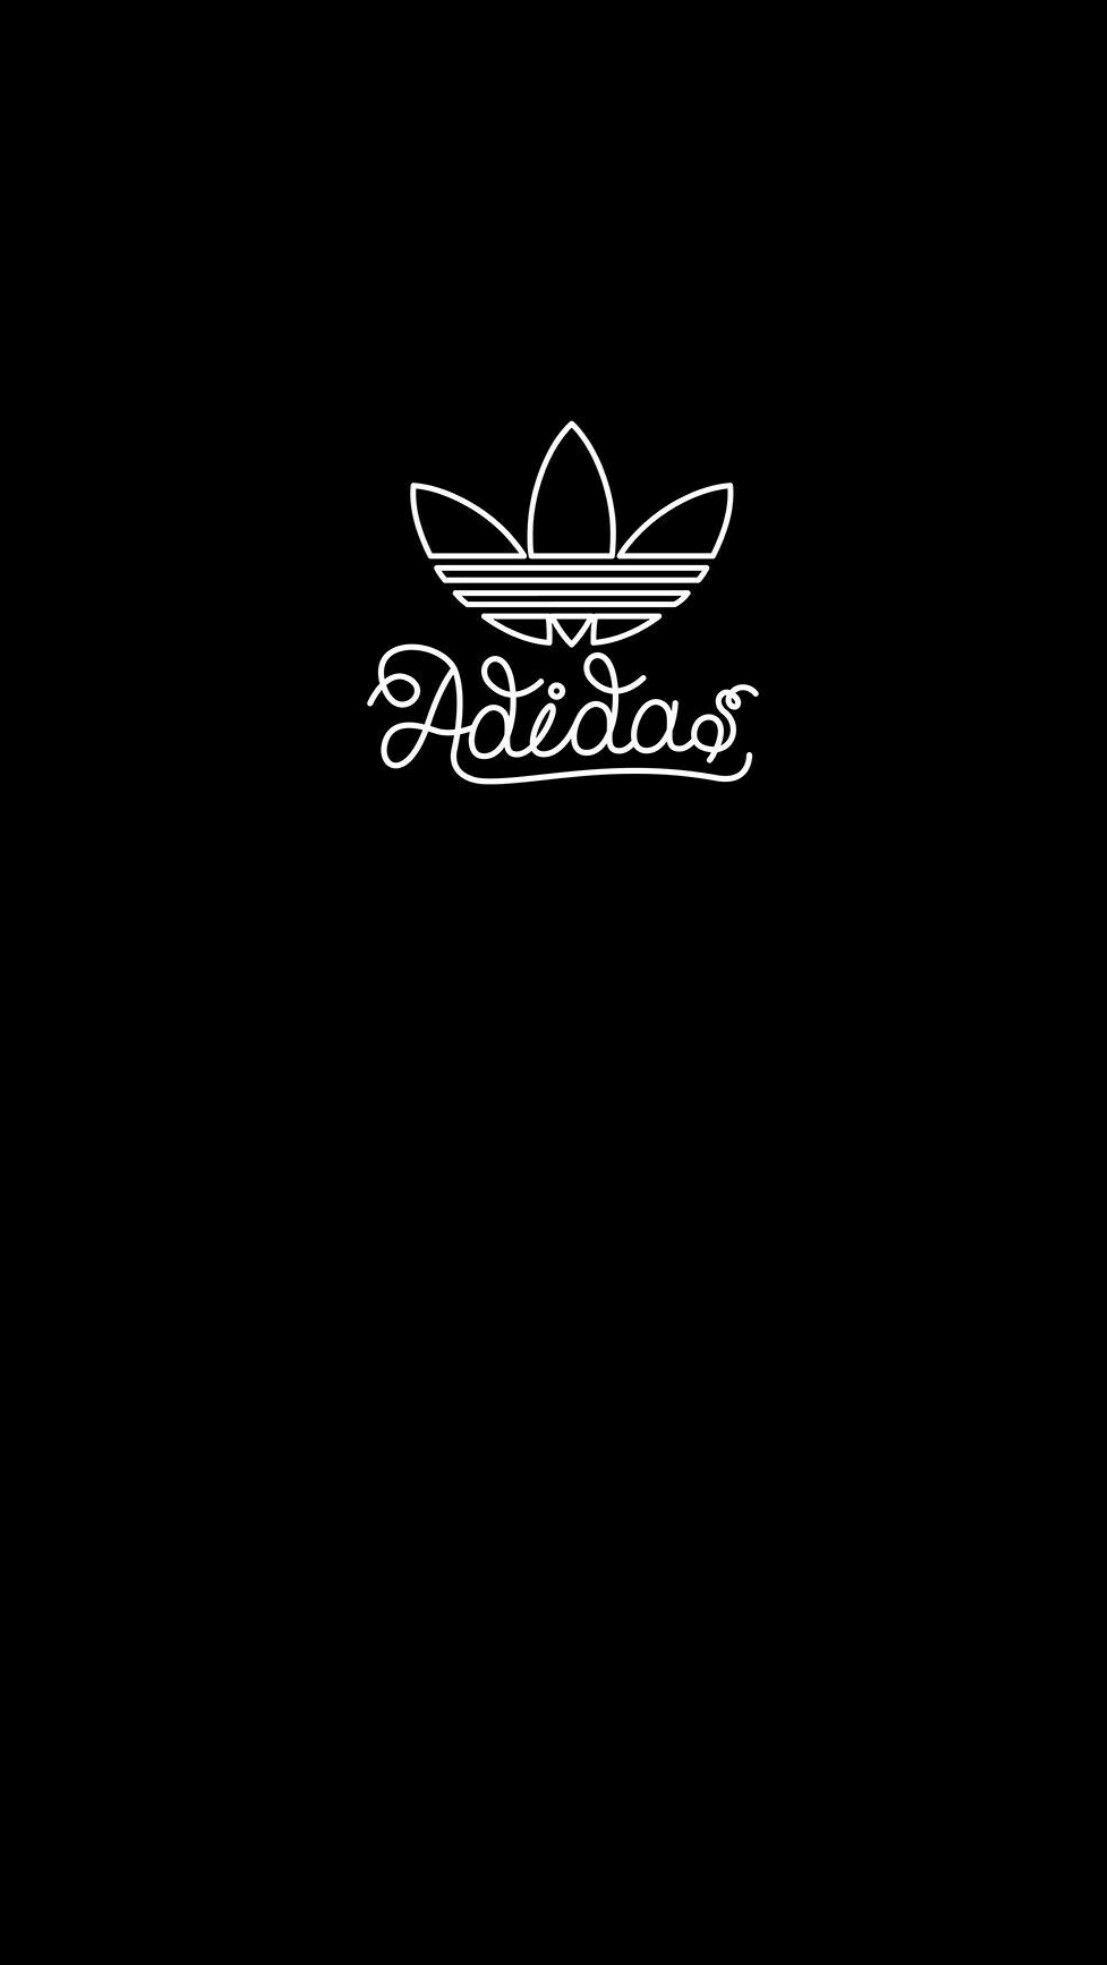 Girls Adidas Logo Iphone Wallpapers On Wallpaperdog